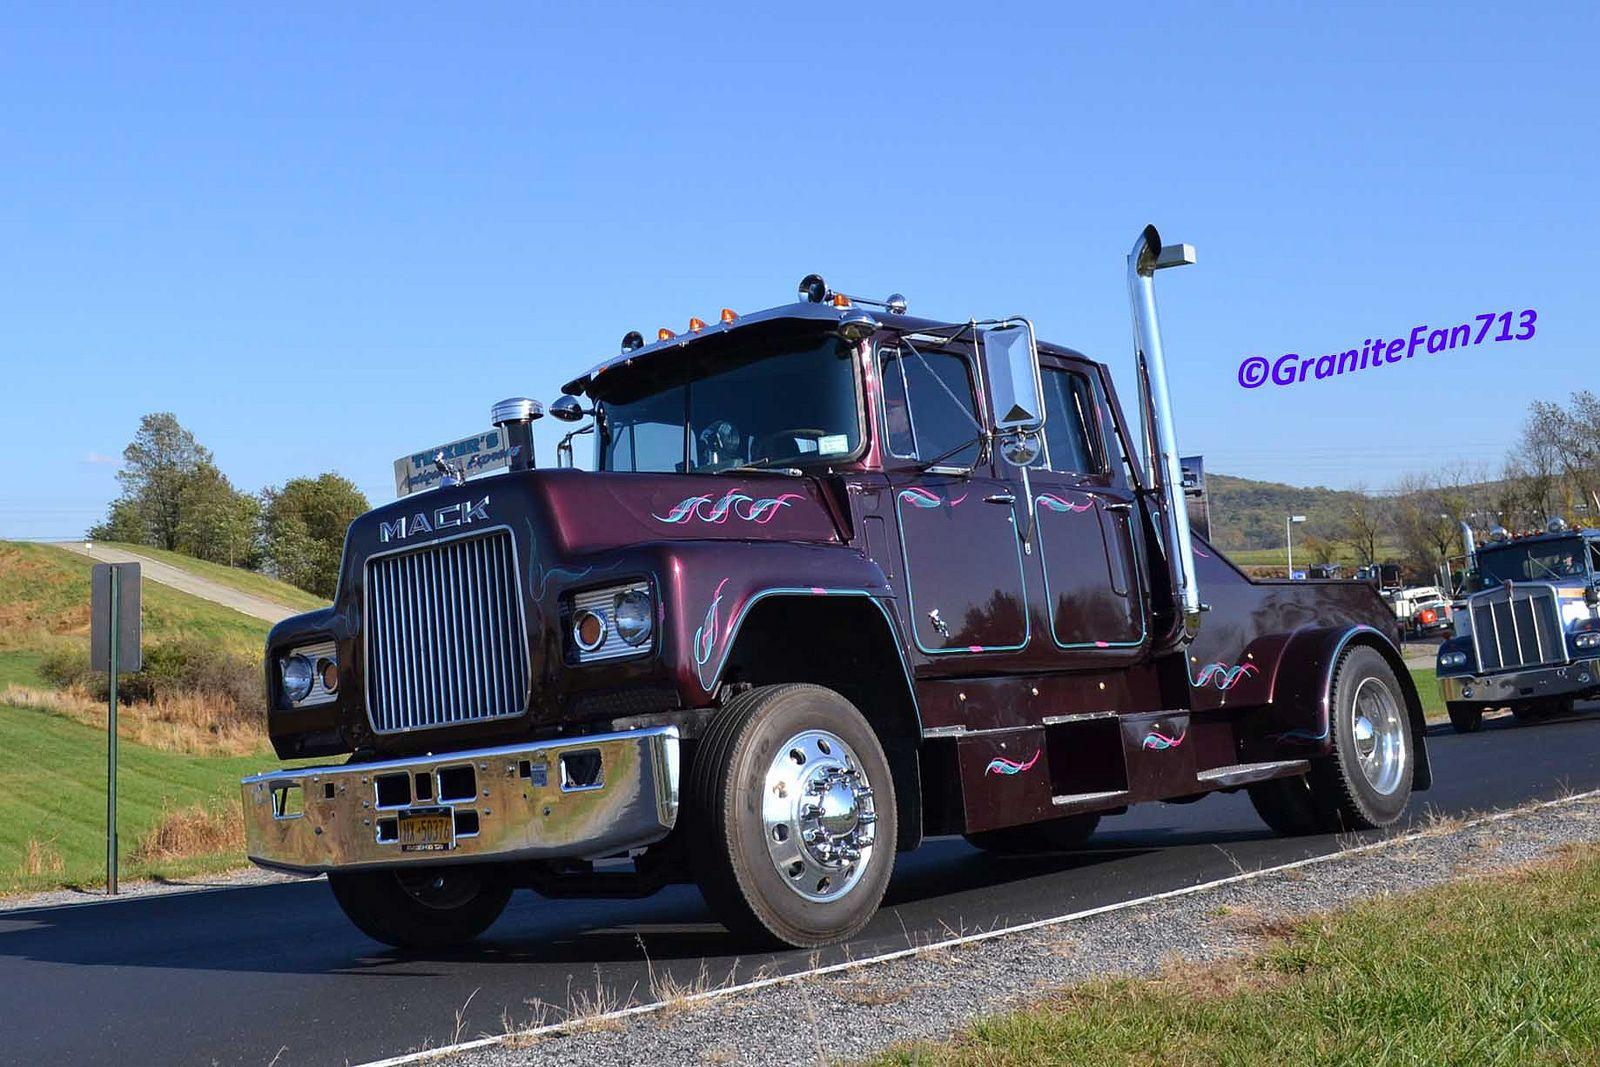 Mack r-series crew cab hauler | Future Toy hauler | Pinterest ...